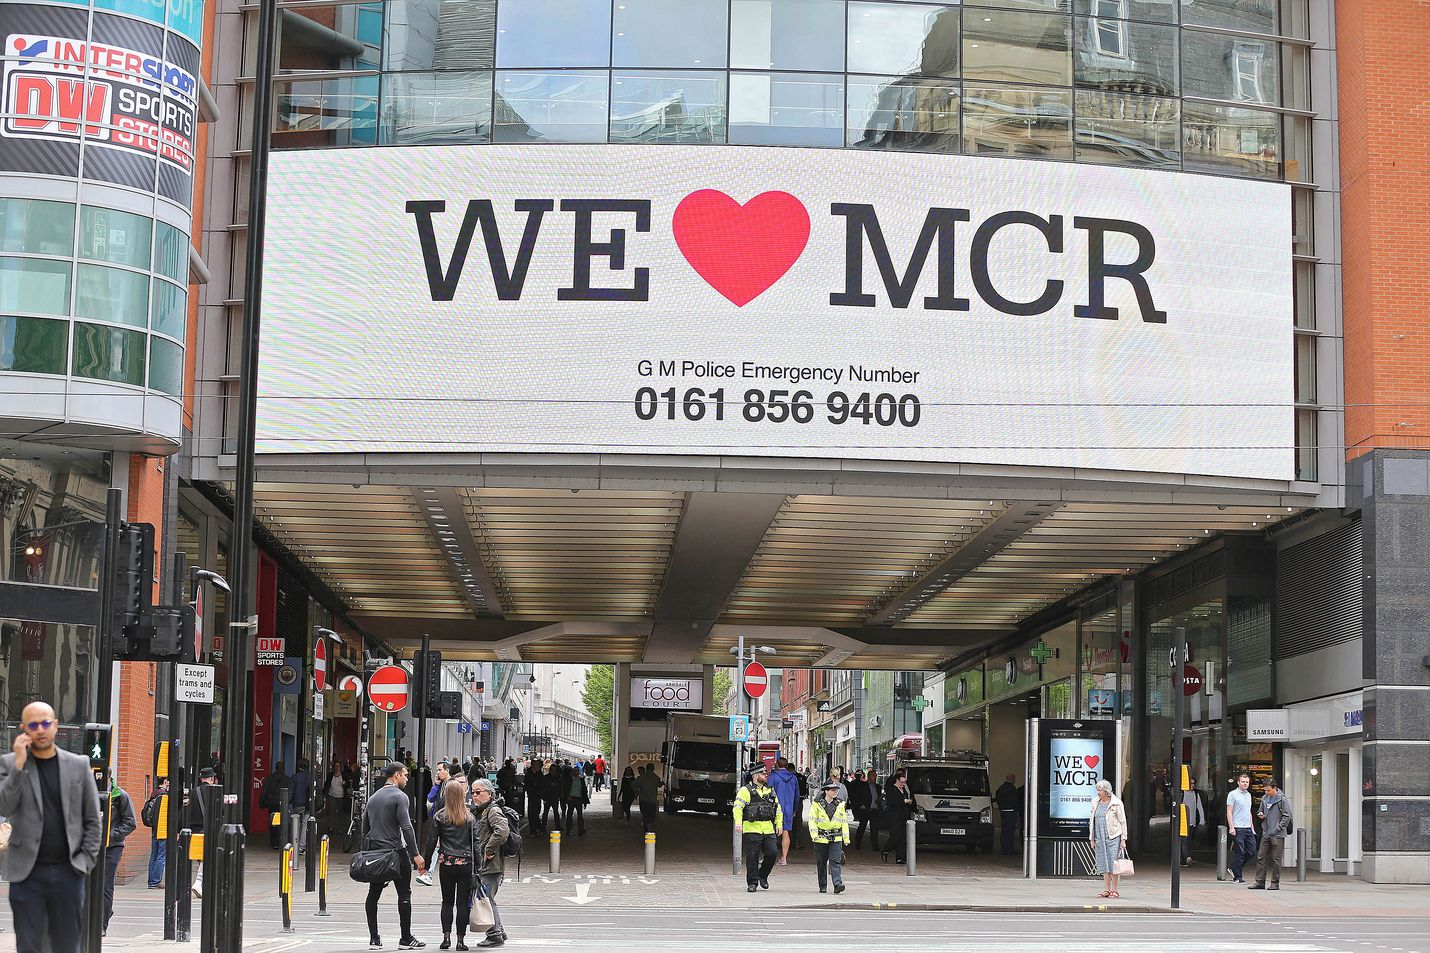 Puukotus sattui Arndale-ostoskeskuskessa Manchesterissa. Kuva on vuodelta 2017, jolloin sama keskus evakuoitiin räjähdyksen jälkeen